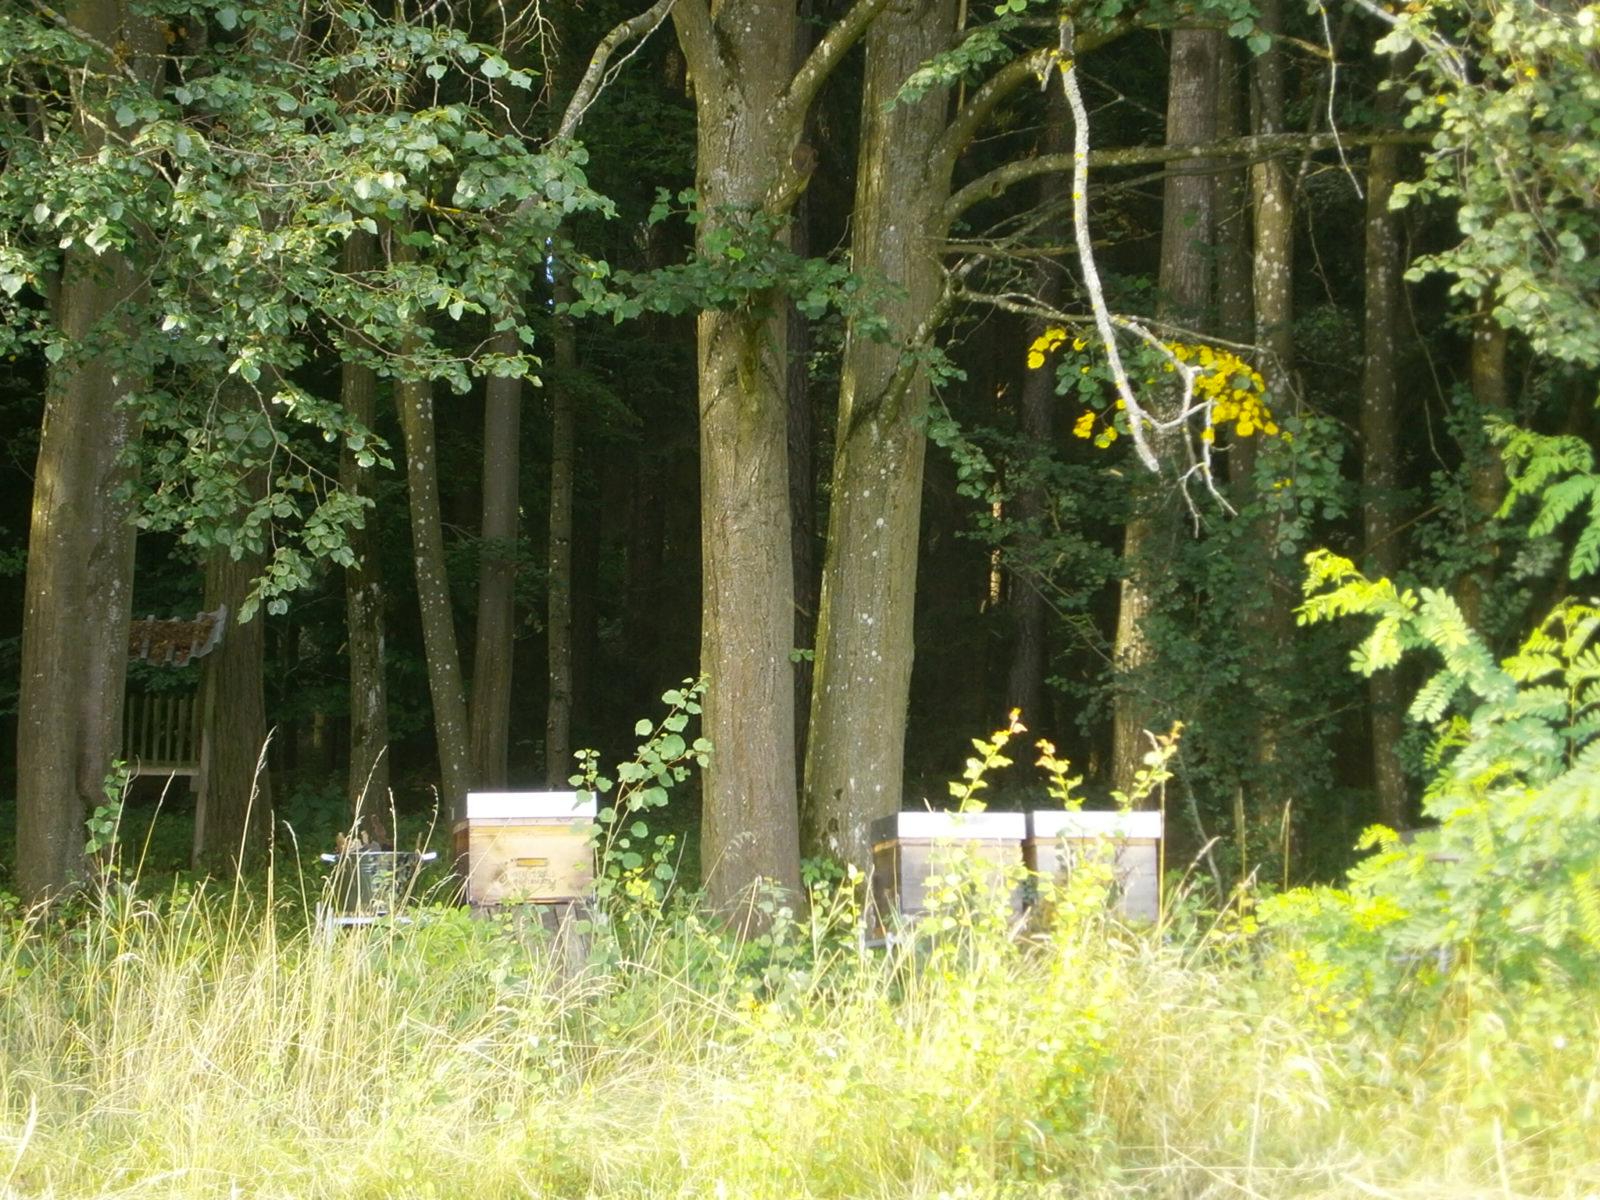 Zwei Bienenvölker stehen unter einer zweistämmigen alten Linde.